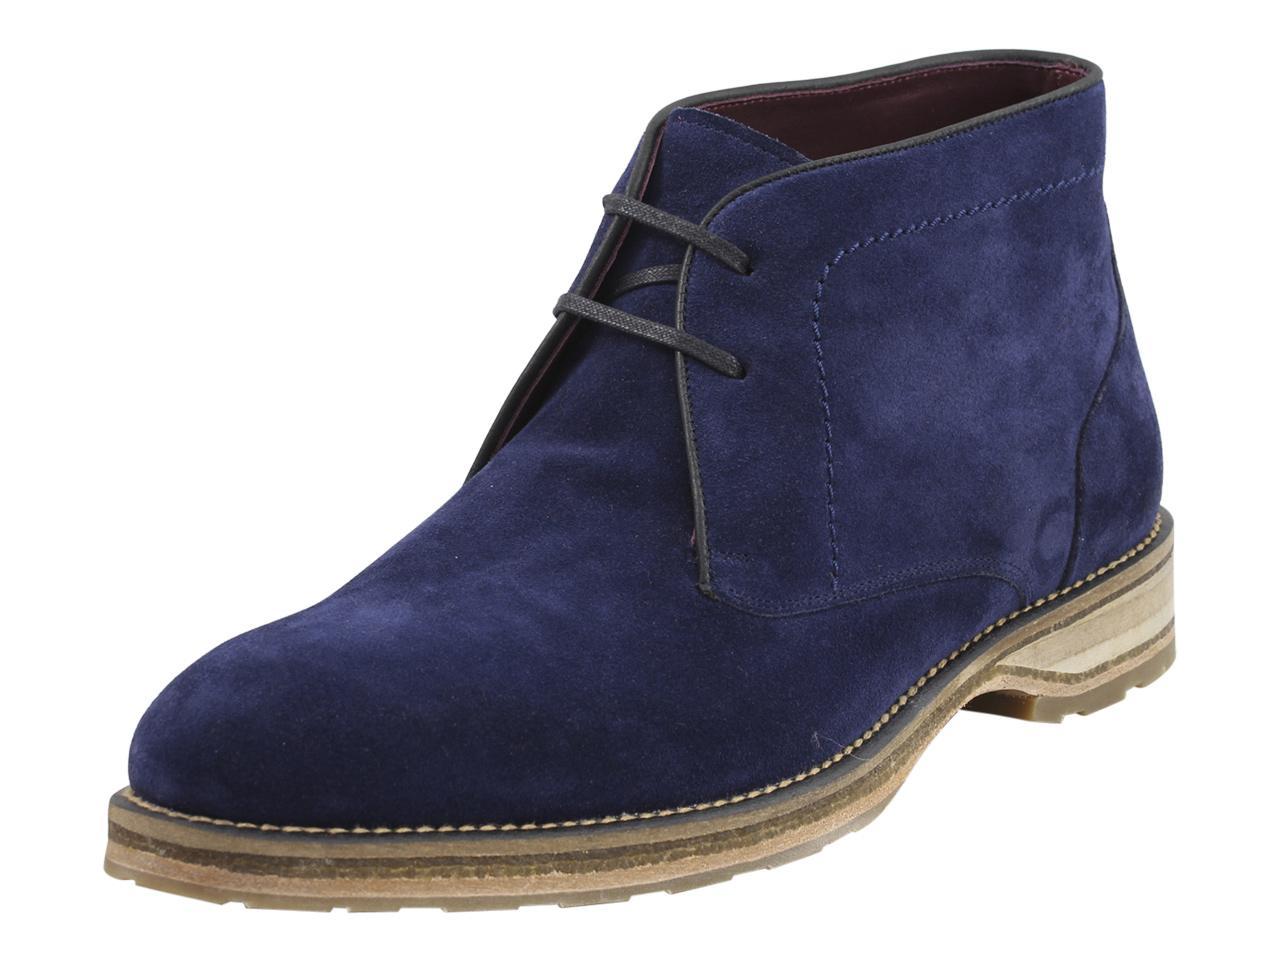 Image of Mezlan Men's Dalias Chukka Boots Shoes - Blue - 11 D(M) US